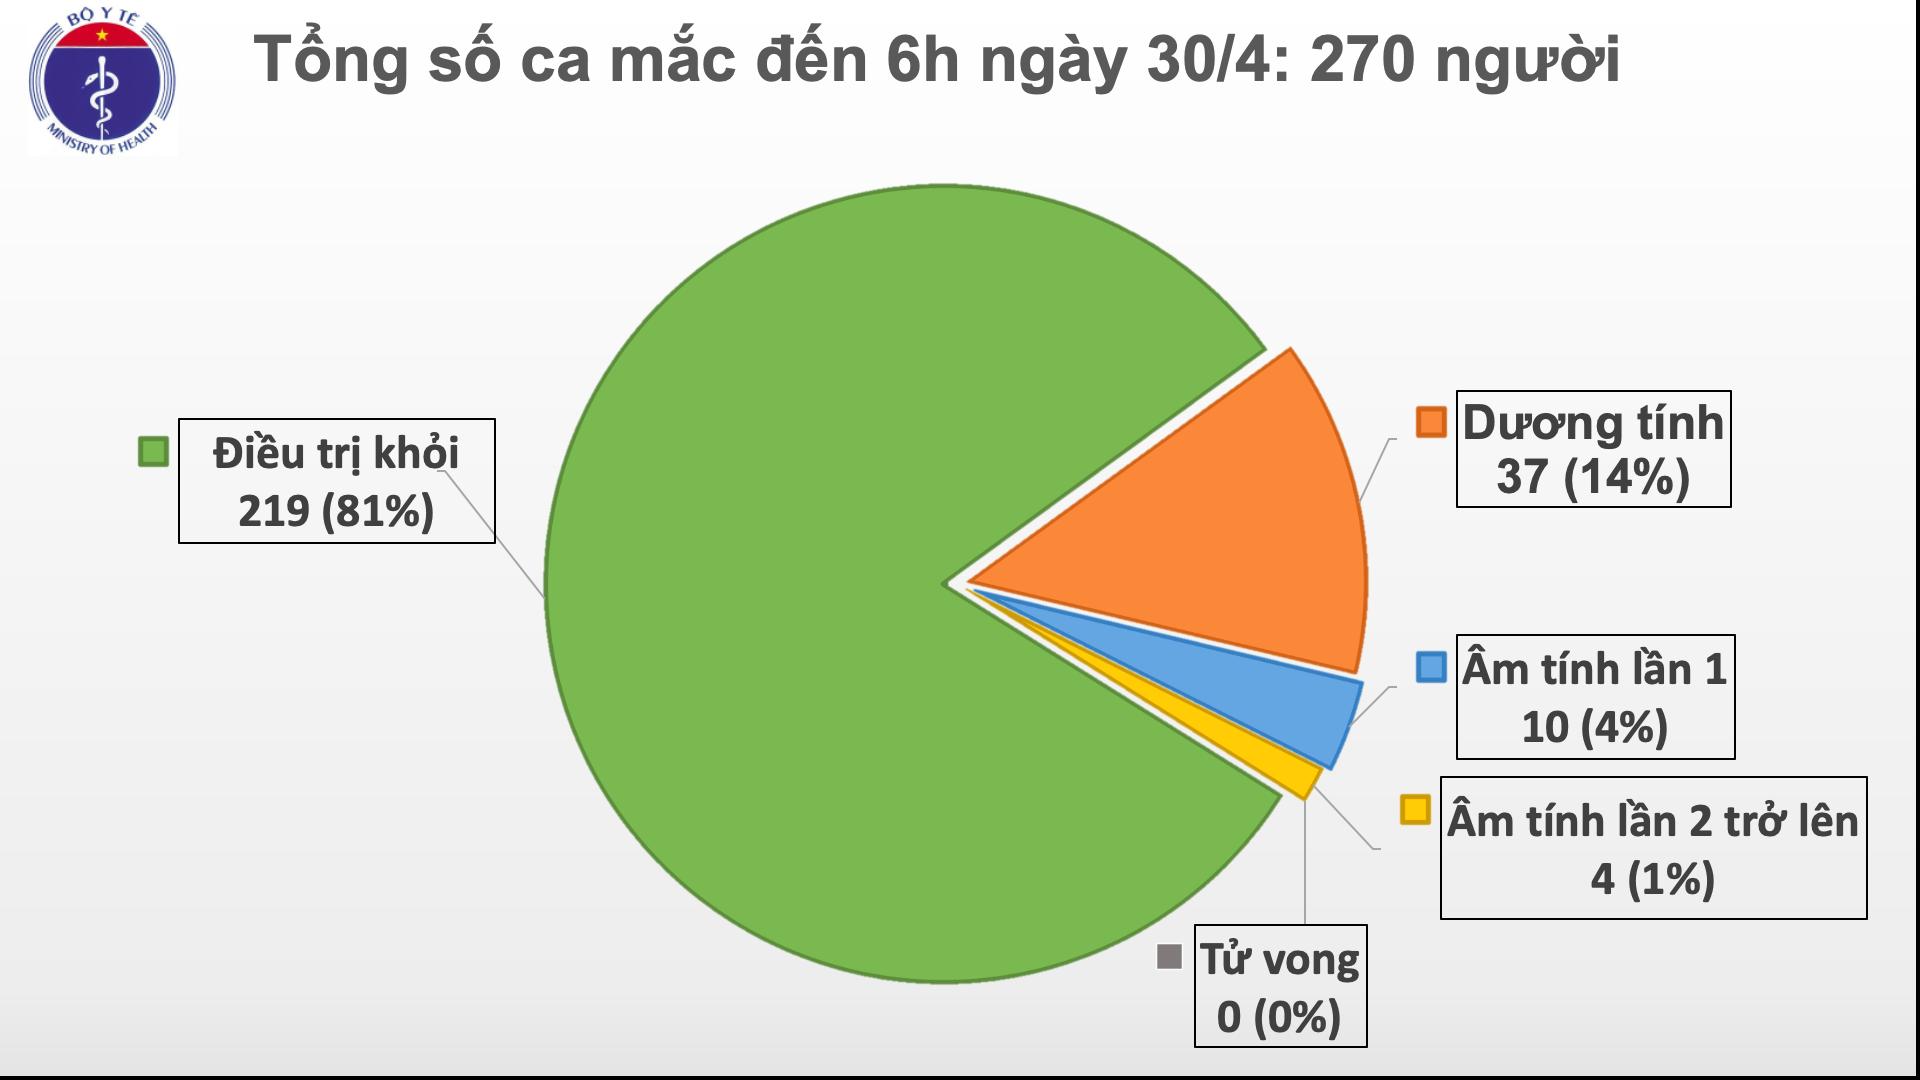 Sáng 30/4, không có ca mắc mới COVID-19, có 14 ca xét nghiệm âm tính từ 1 lần trở lên 1